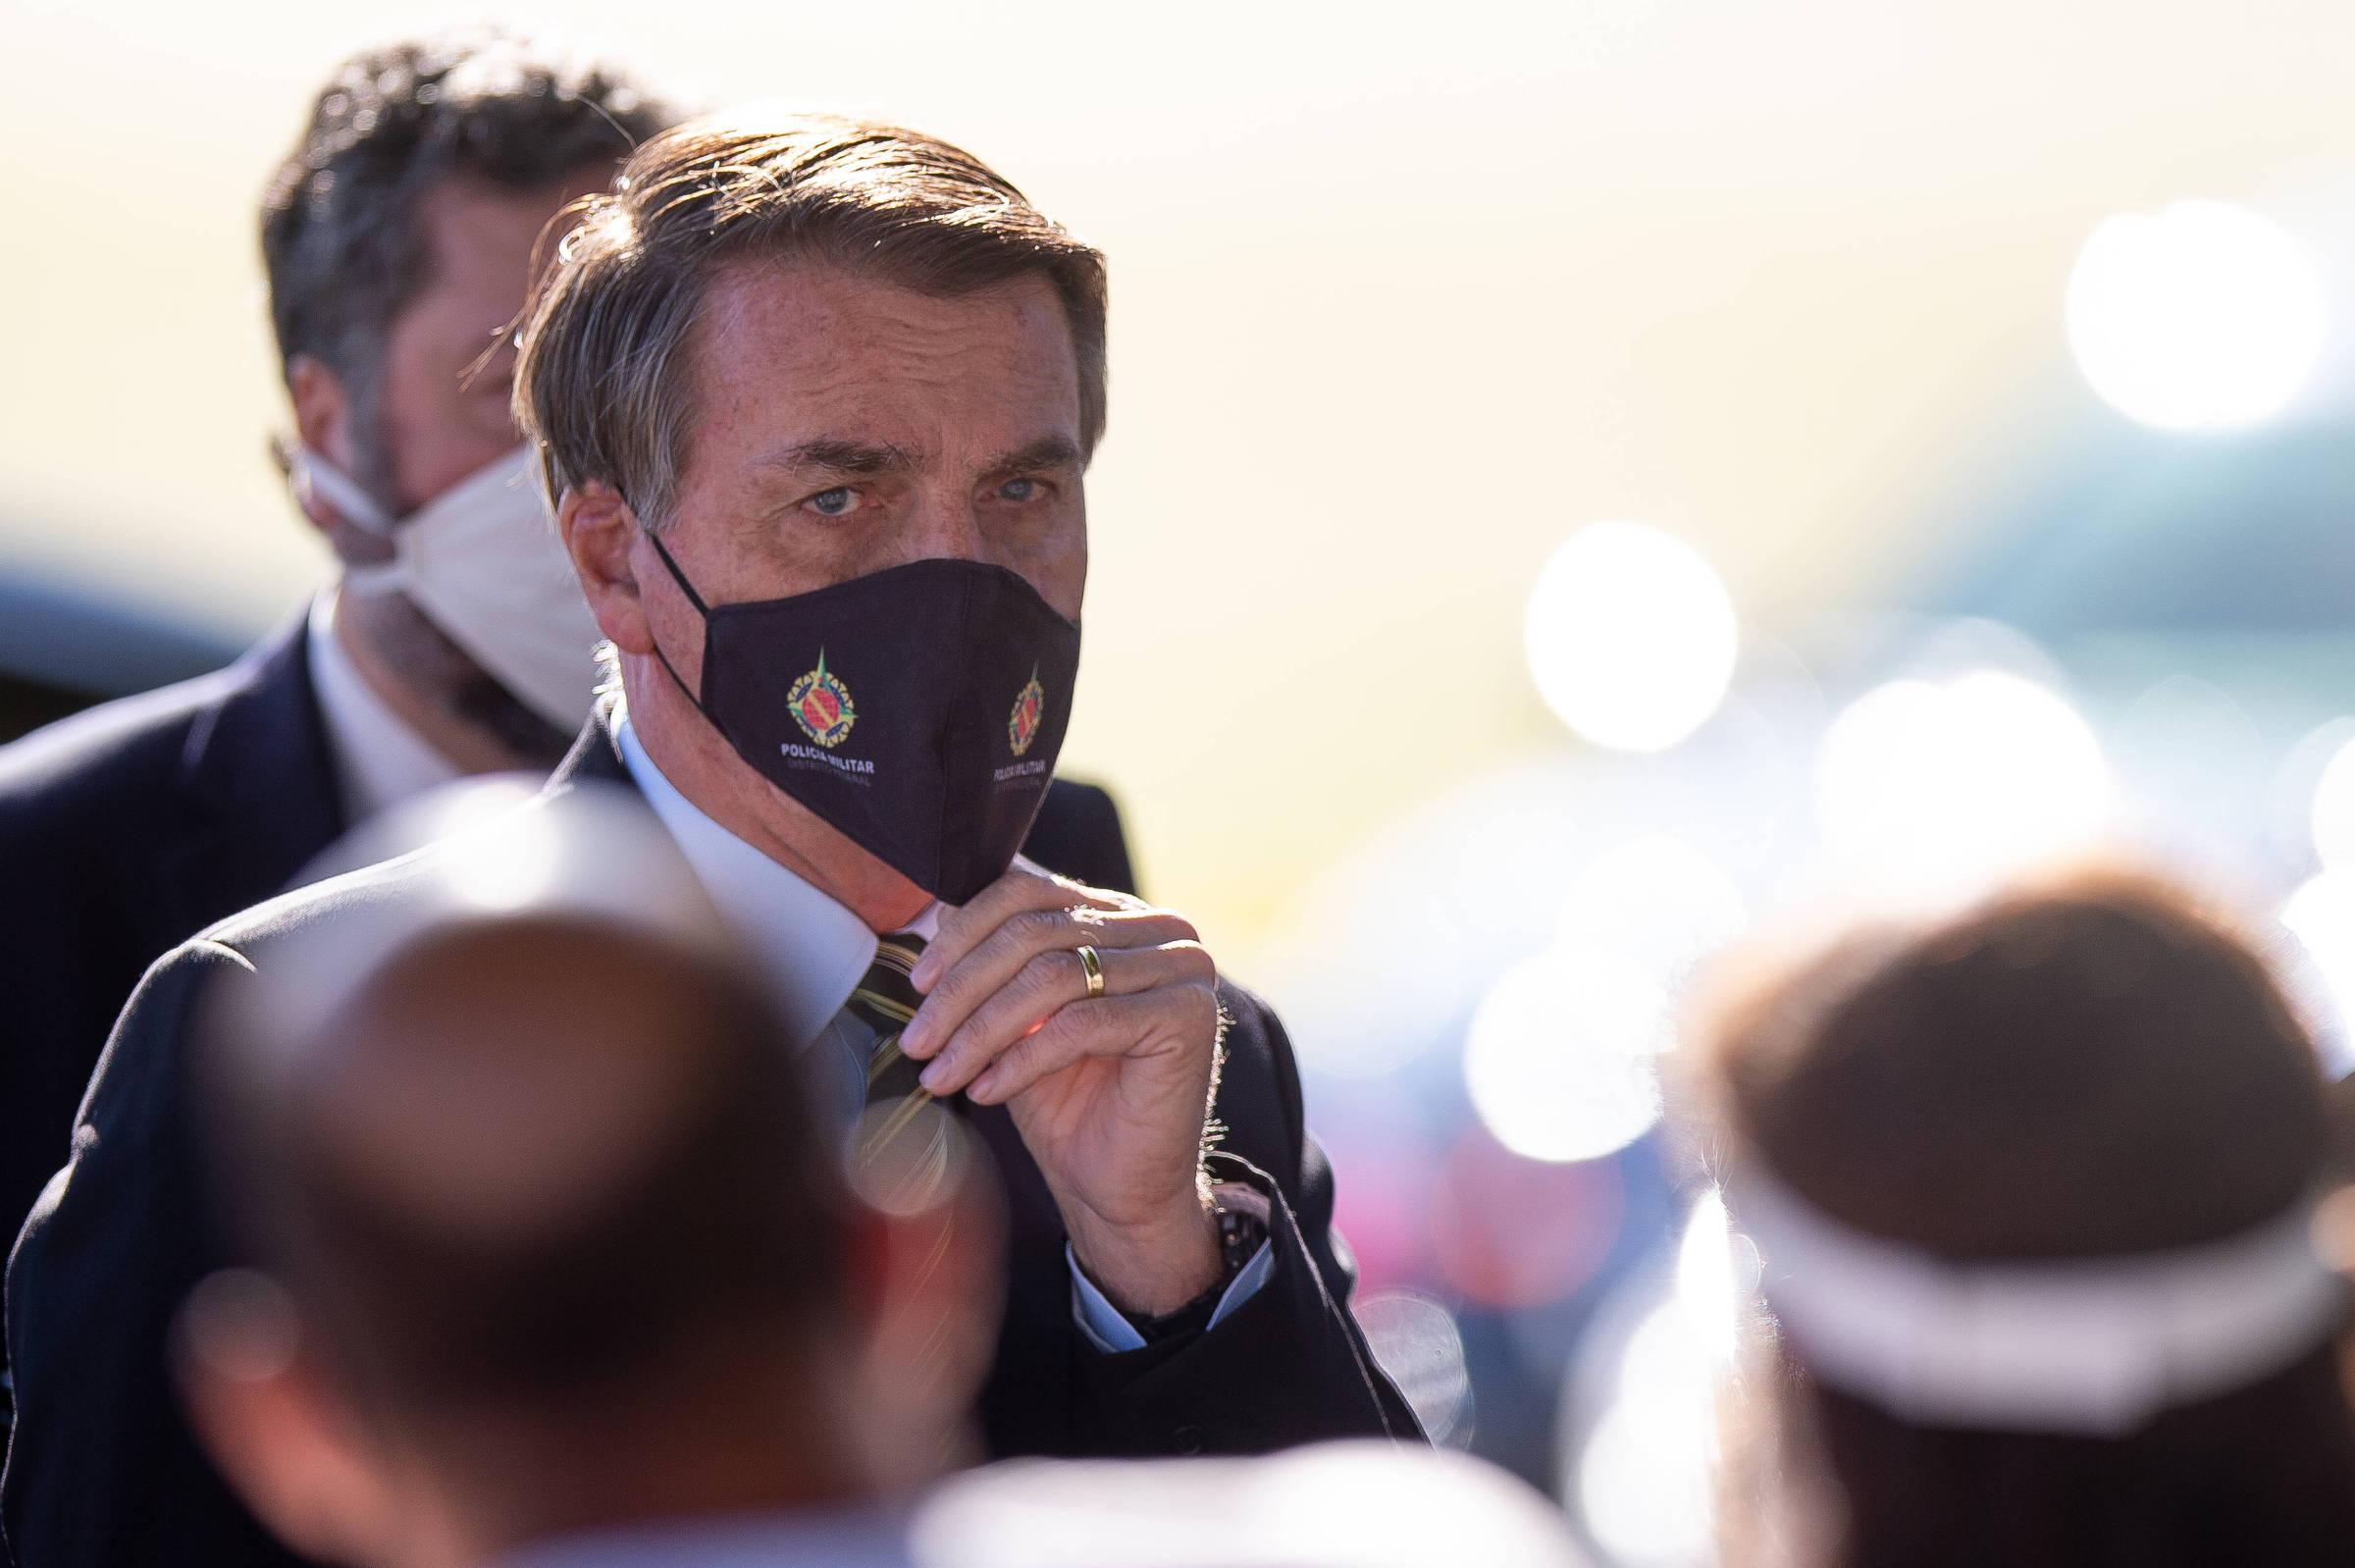 Disputas políticas | Bolsonaro vê 'guerra' e diz que tem de 'jogar pesado com governadores'